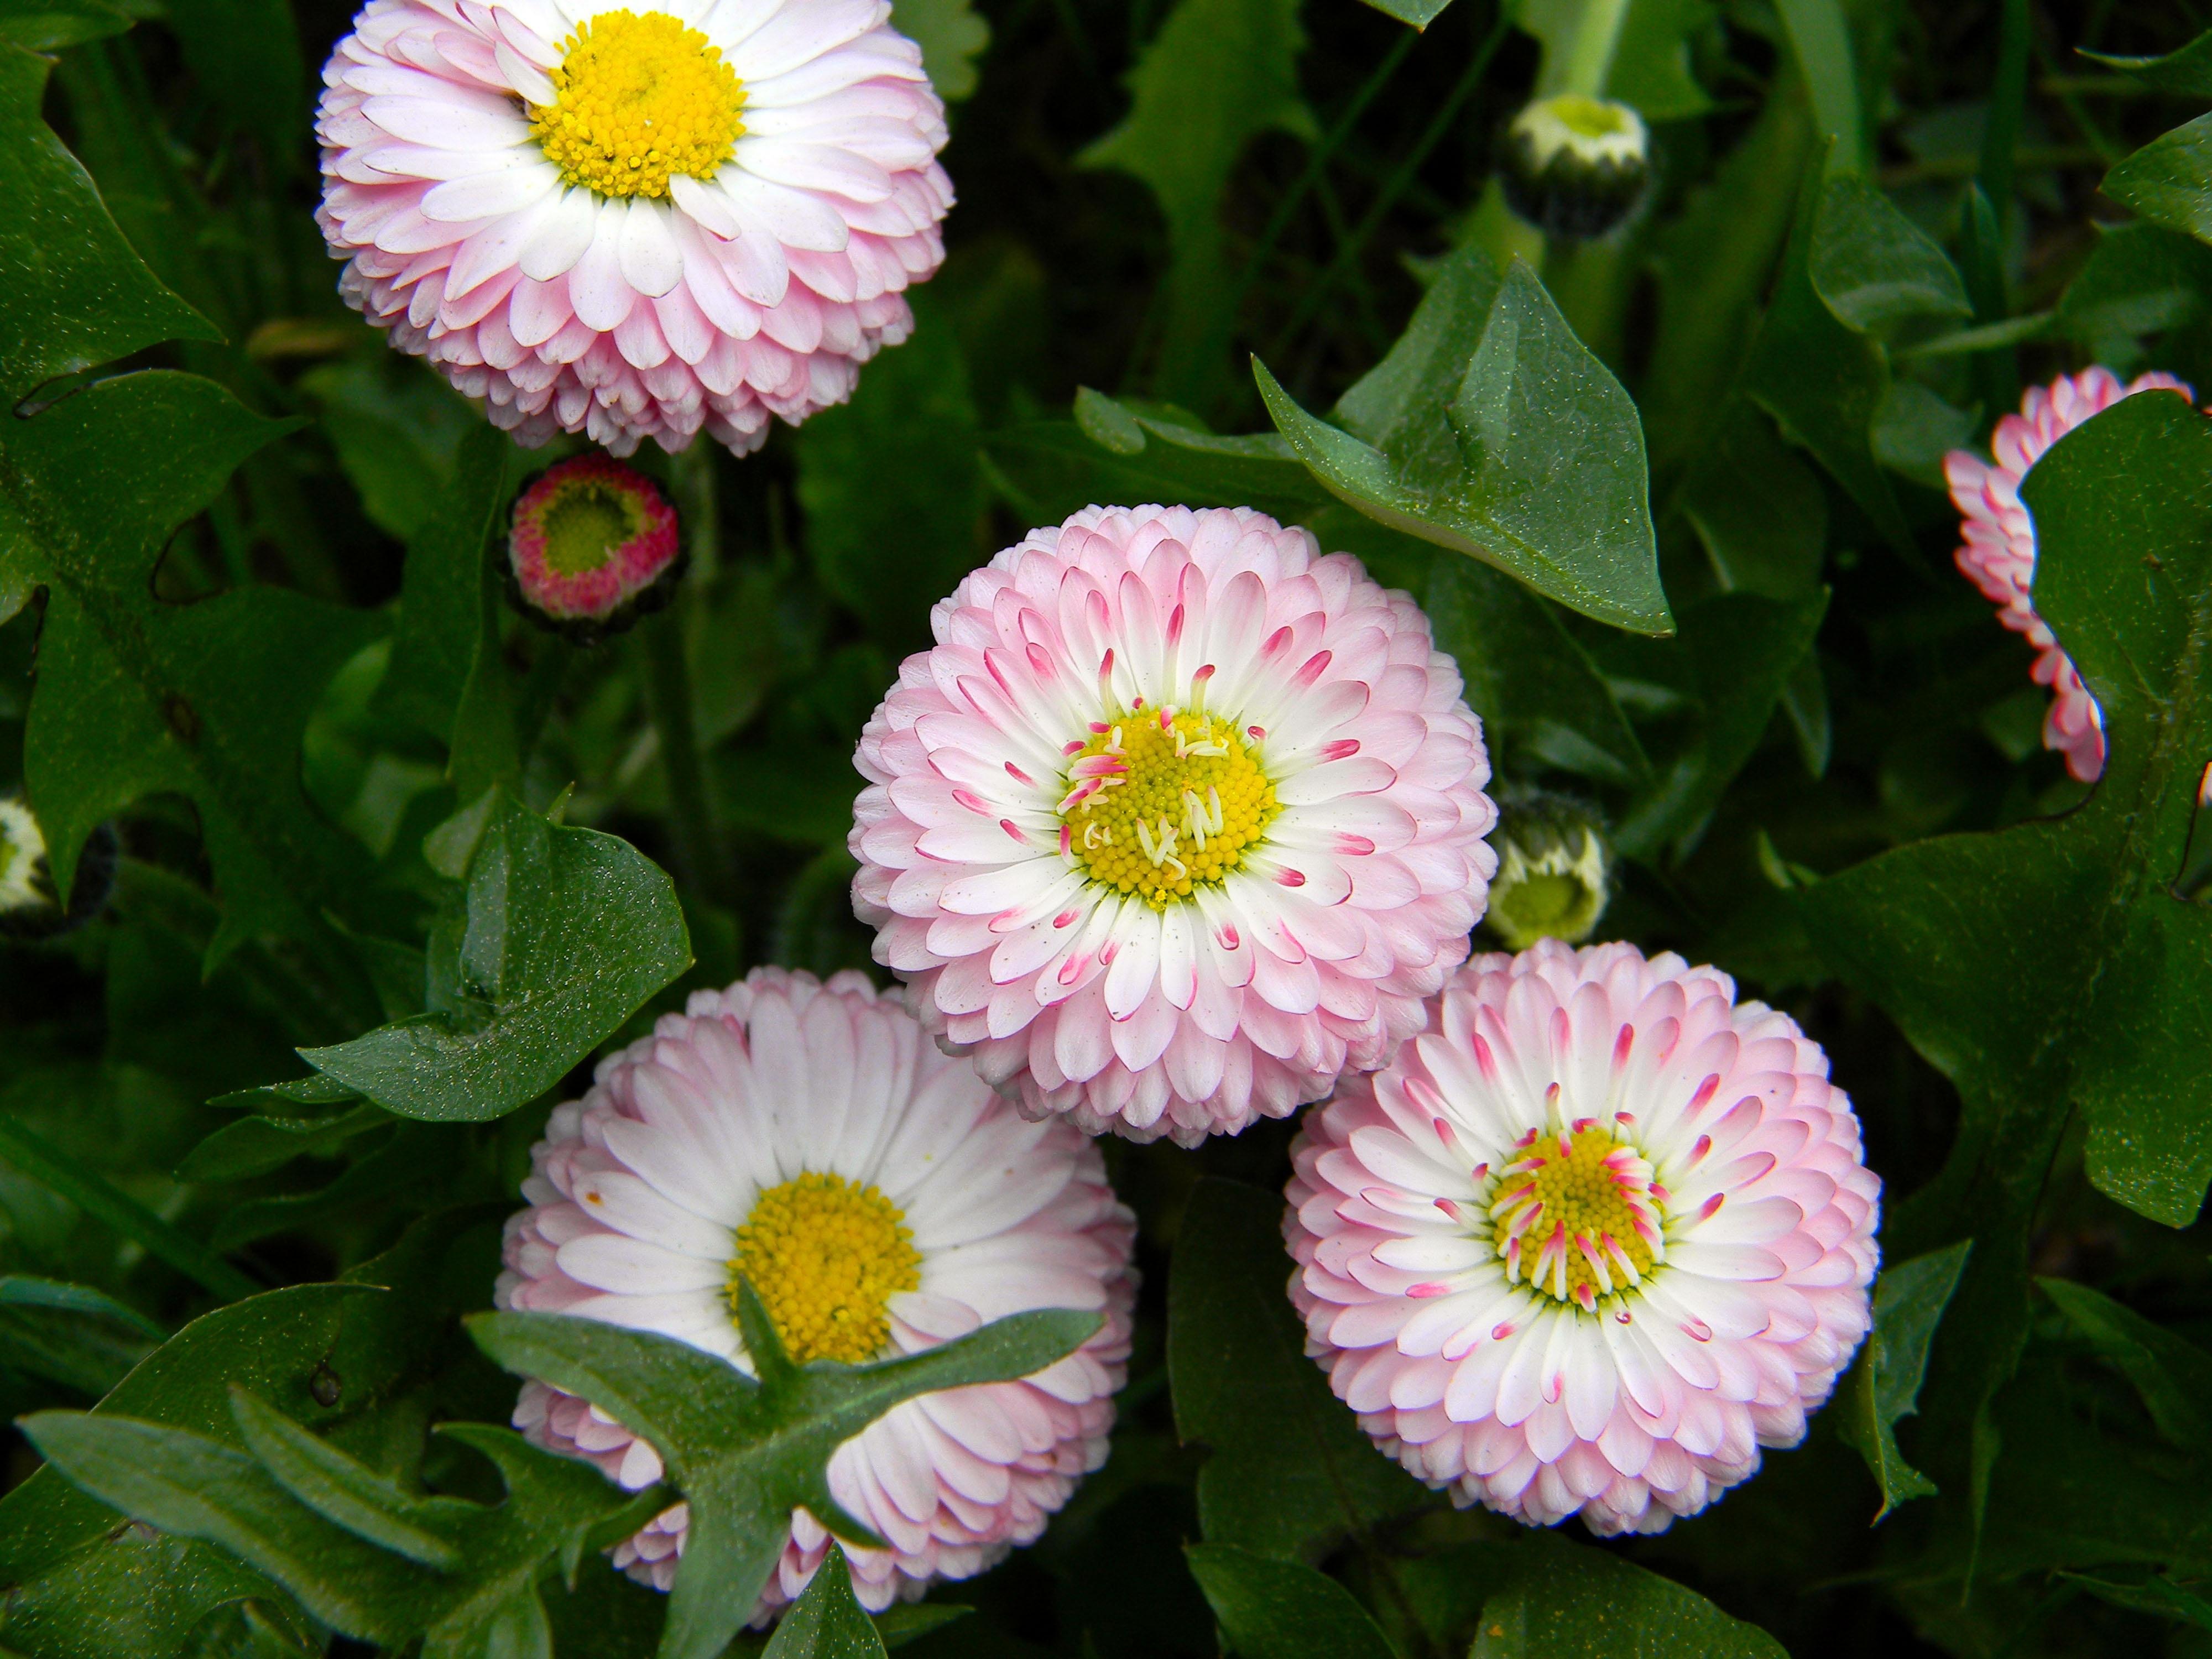 images gratuites : herbe, fleur, pétale, botanique, flore